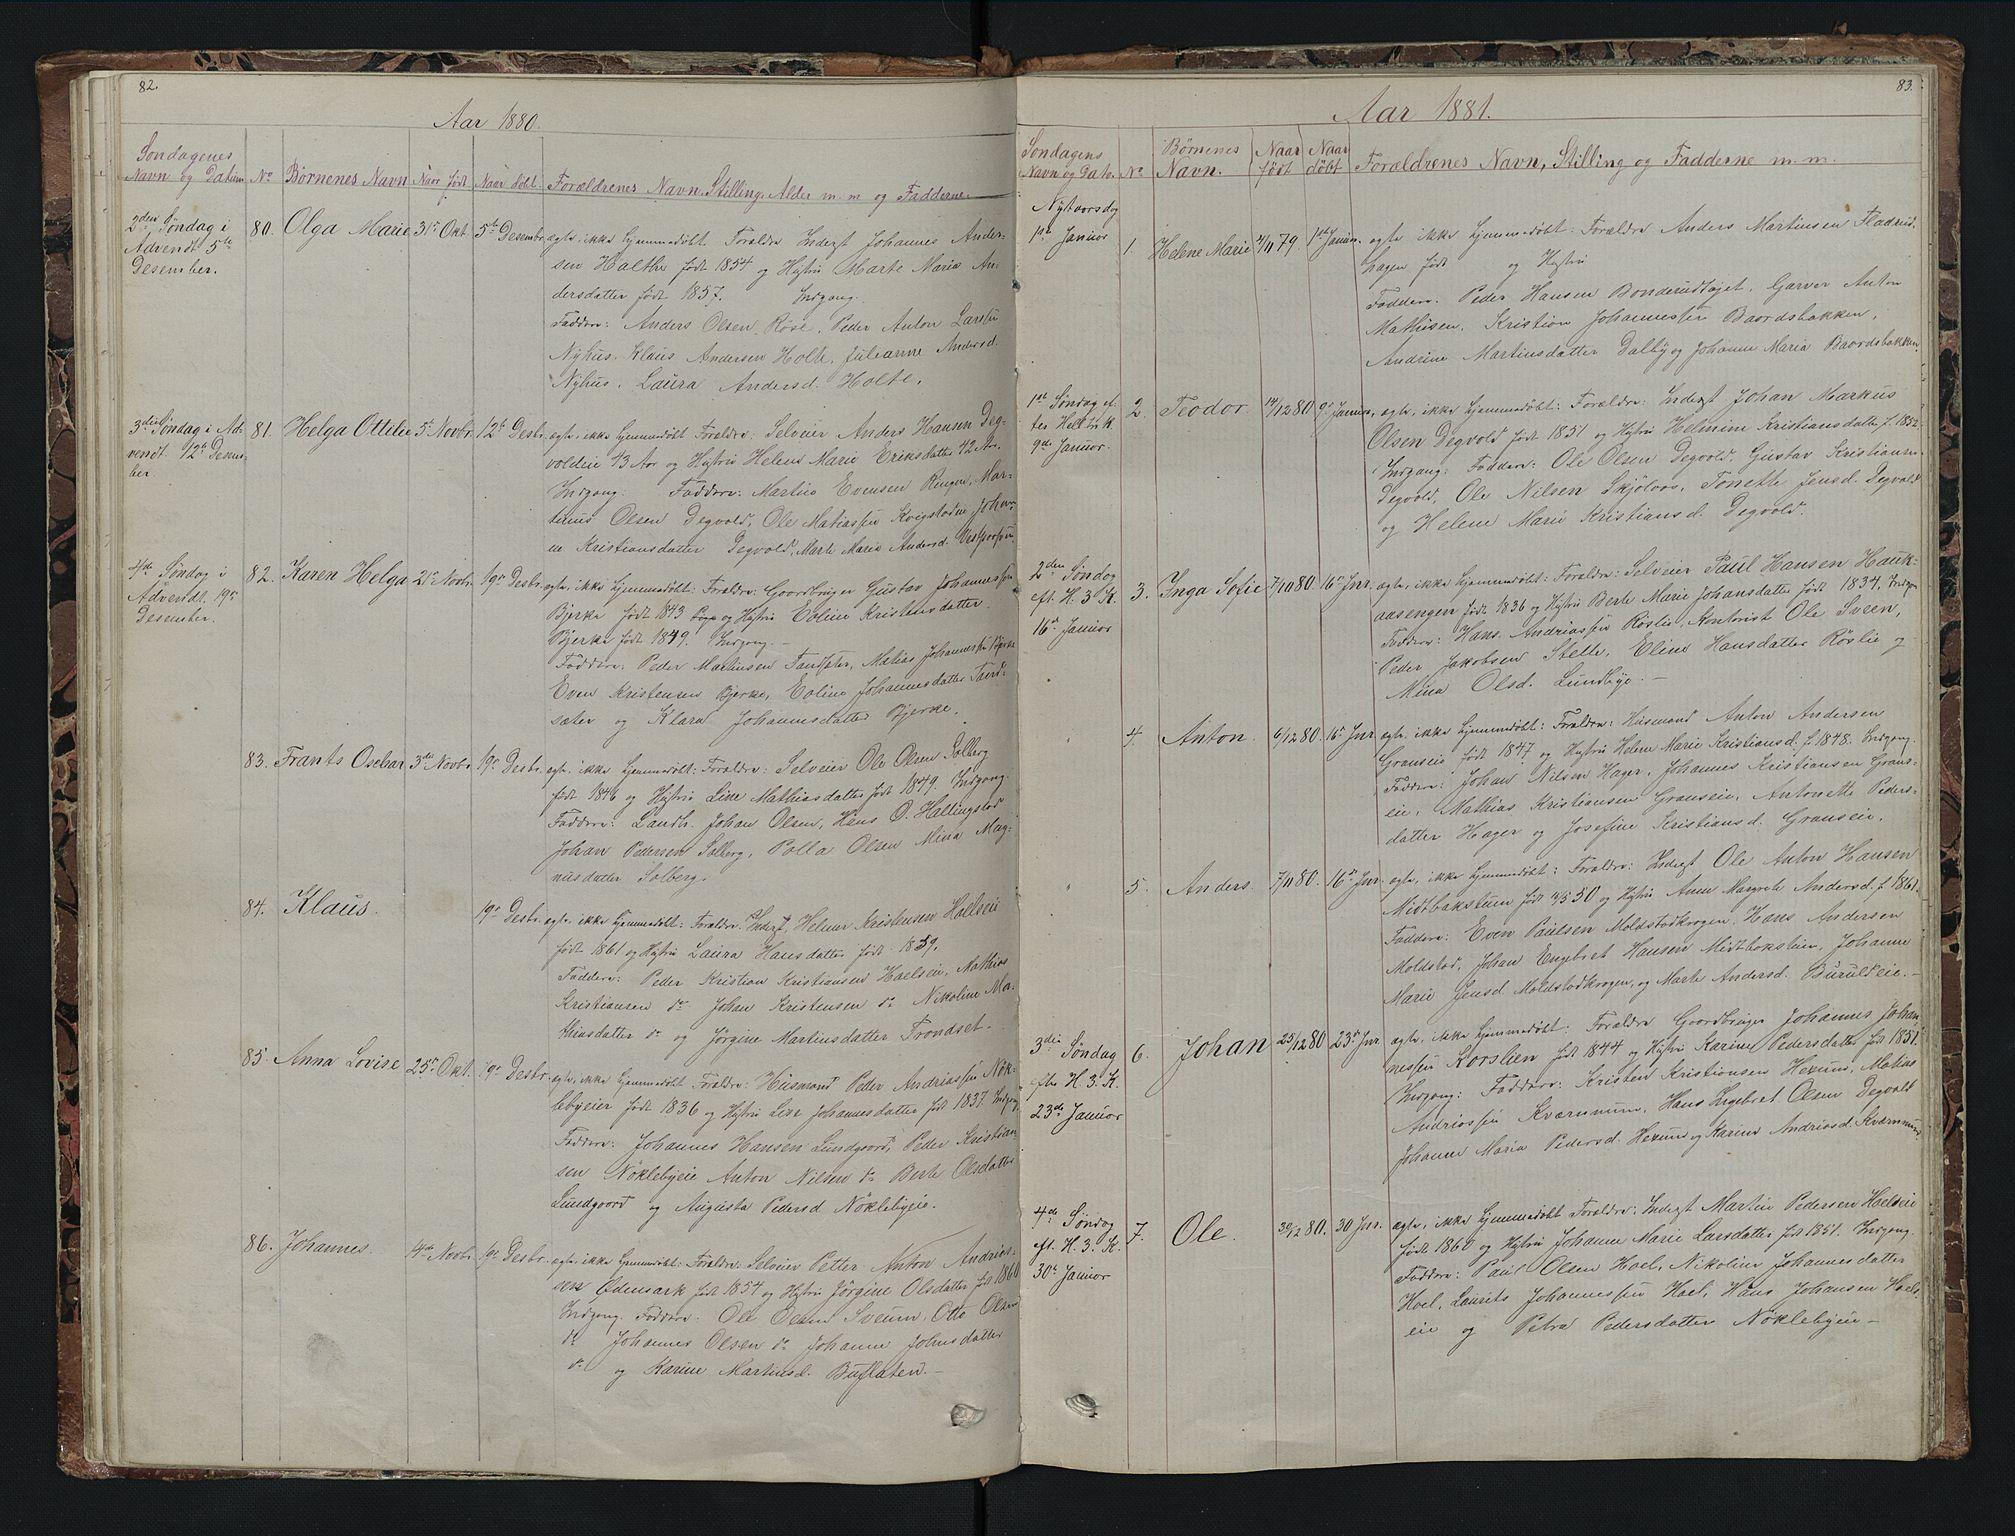 SAH, Vestre Toten prestekontor, Klokkerbok nr. 7, 1872-1900, s. 82-83